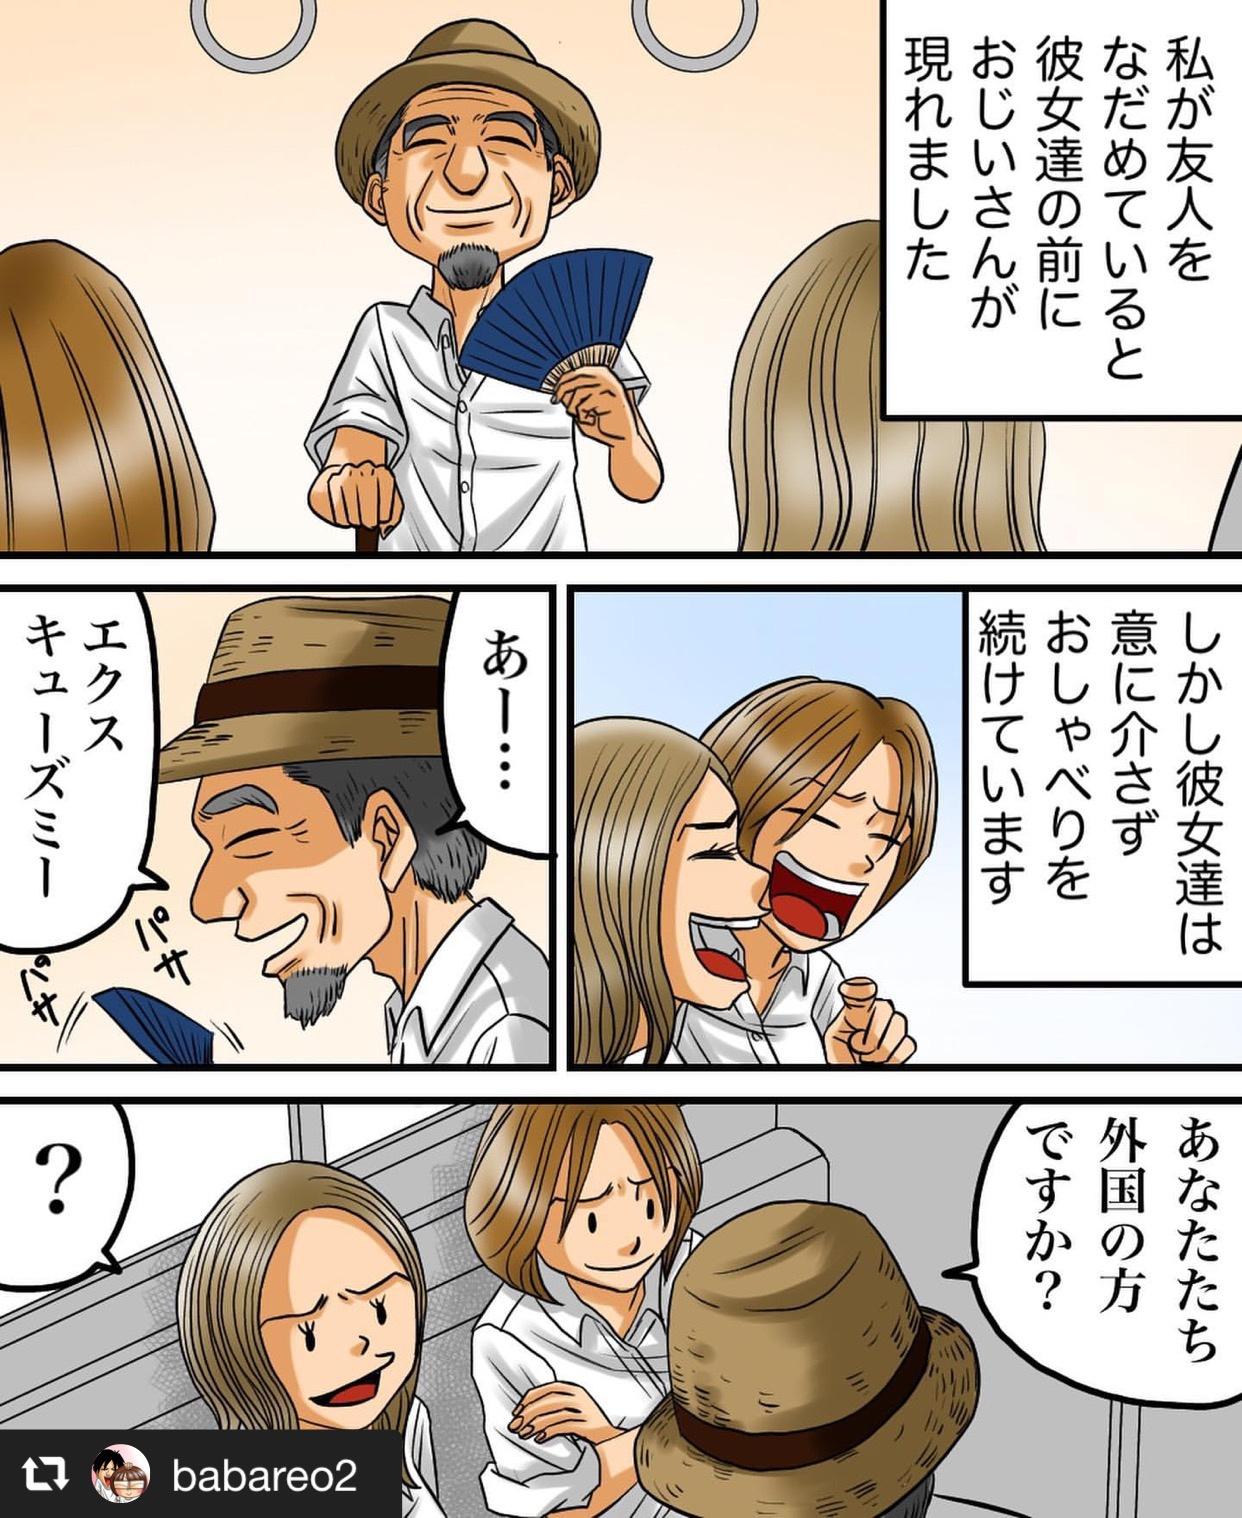 【スカッとする話】電車で出会った老紳士 画像2